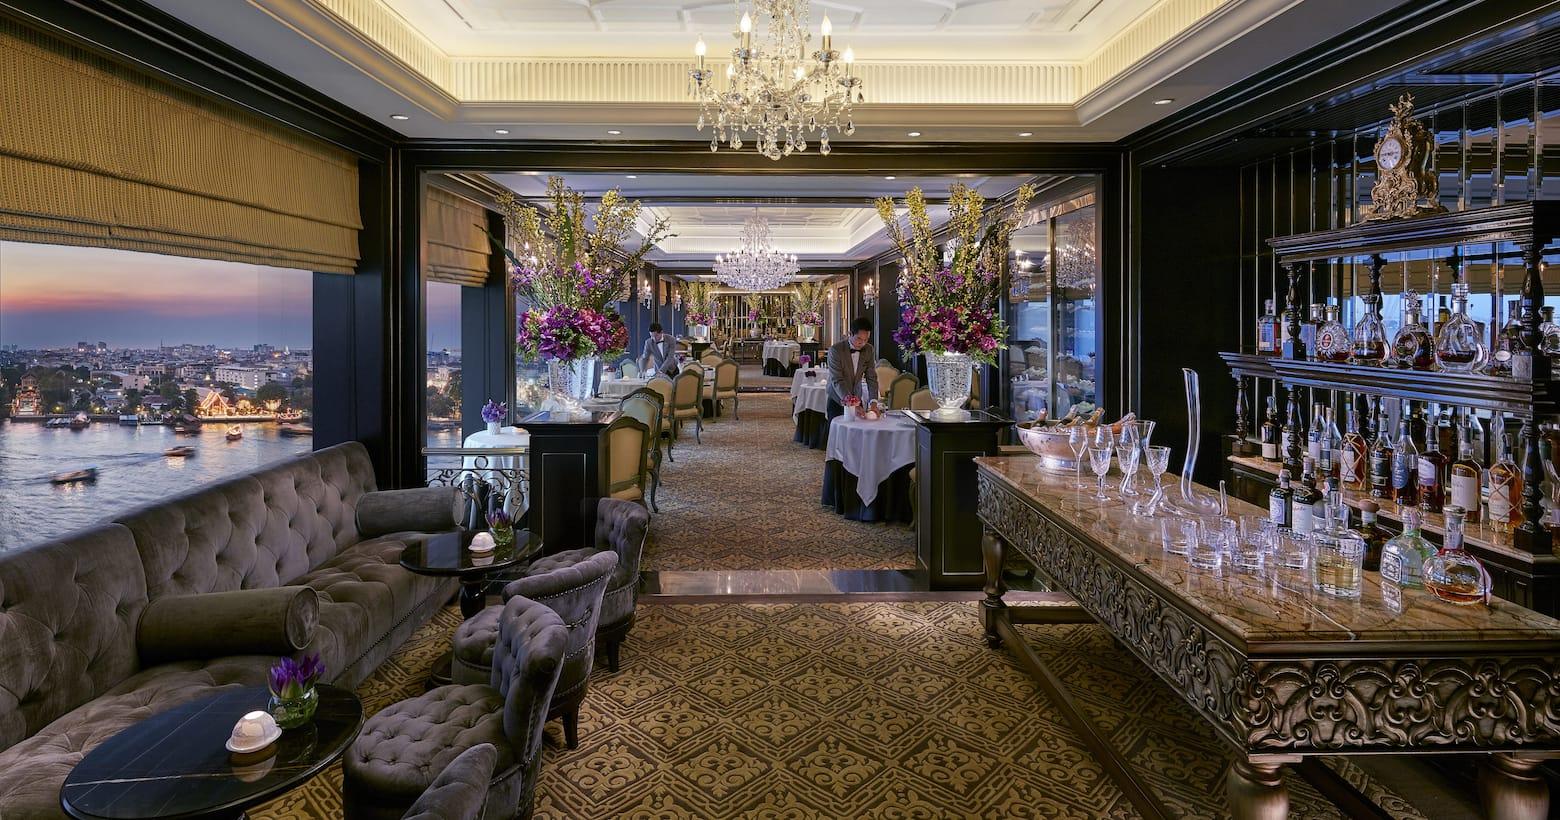 Image source: Mandarin Oriental Bangkok